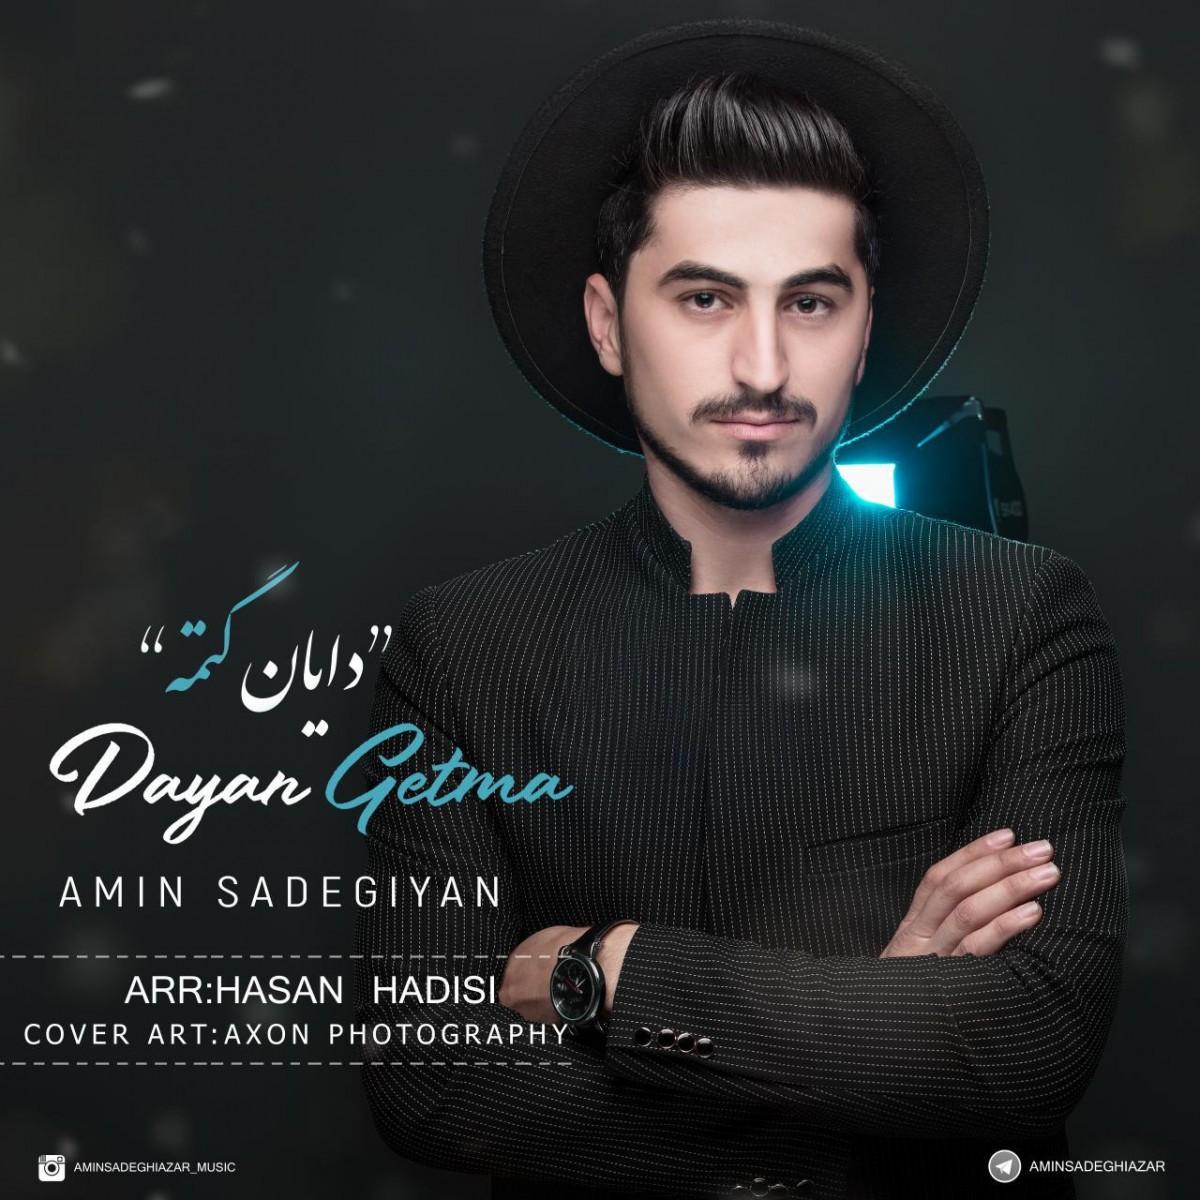 نامبر وان موزیک | دانلود آهنگ جدید Amin-Sadeghi-Azar-Dayan-Getma